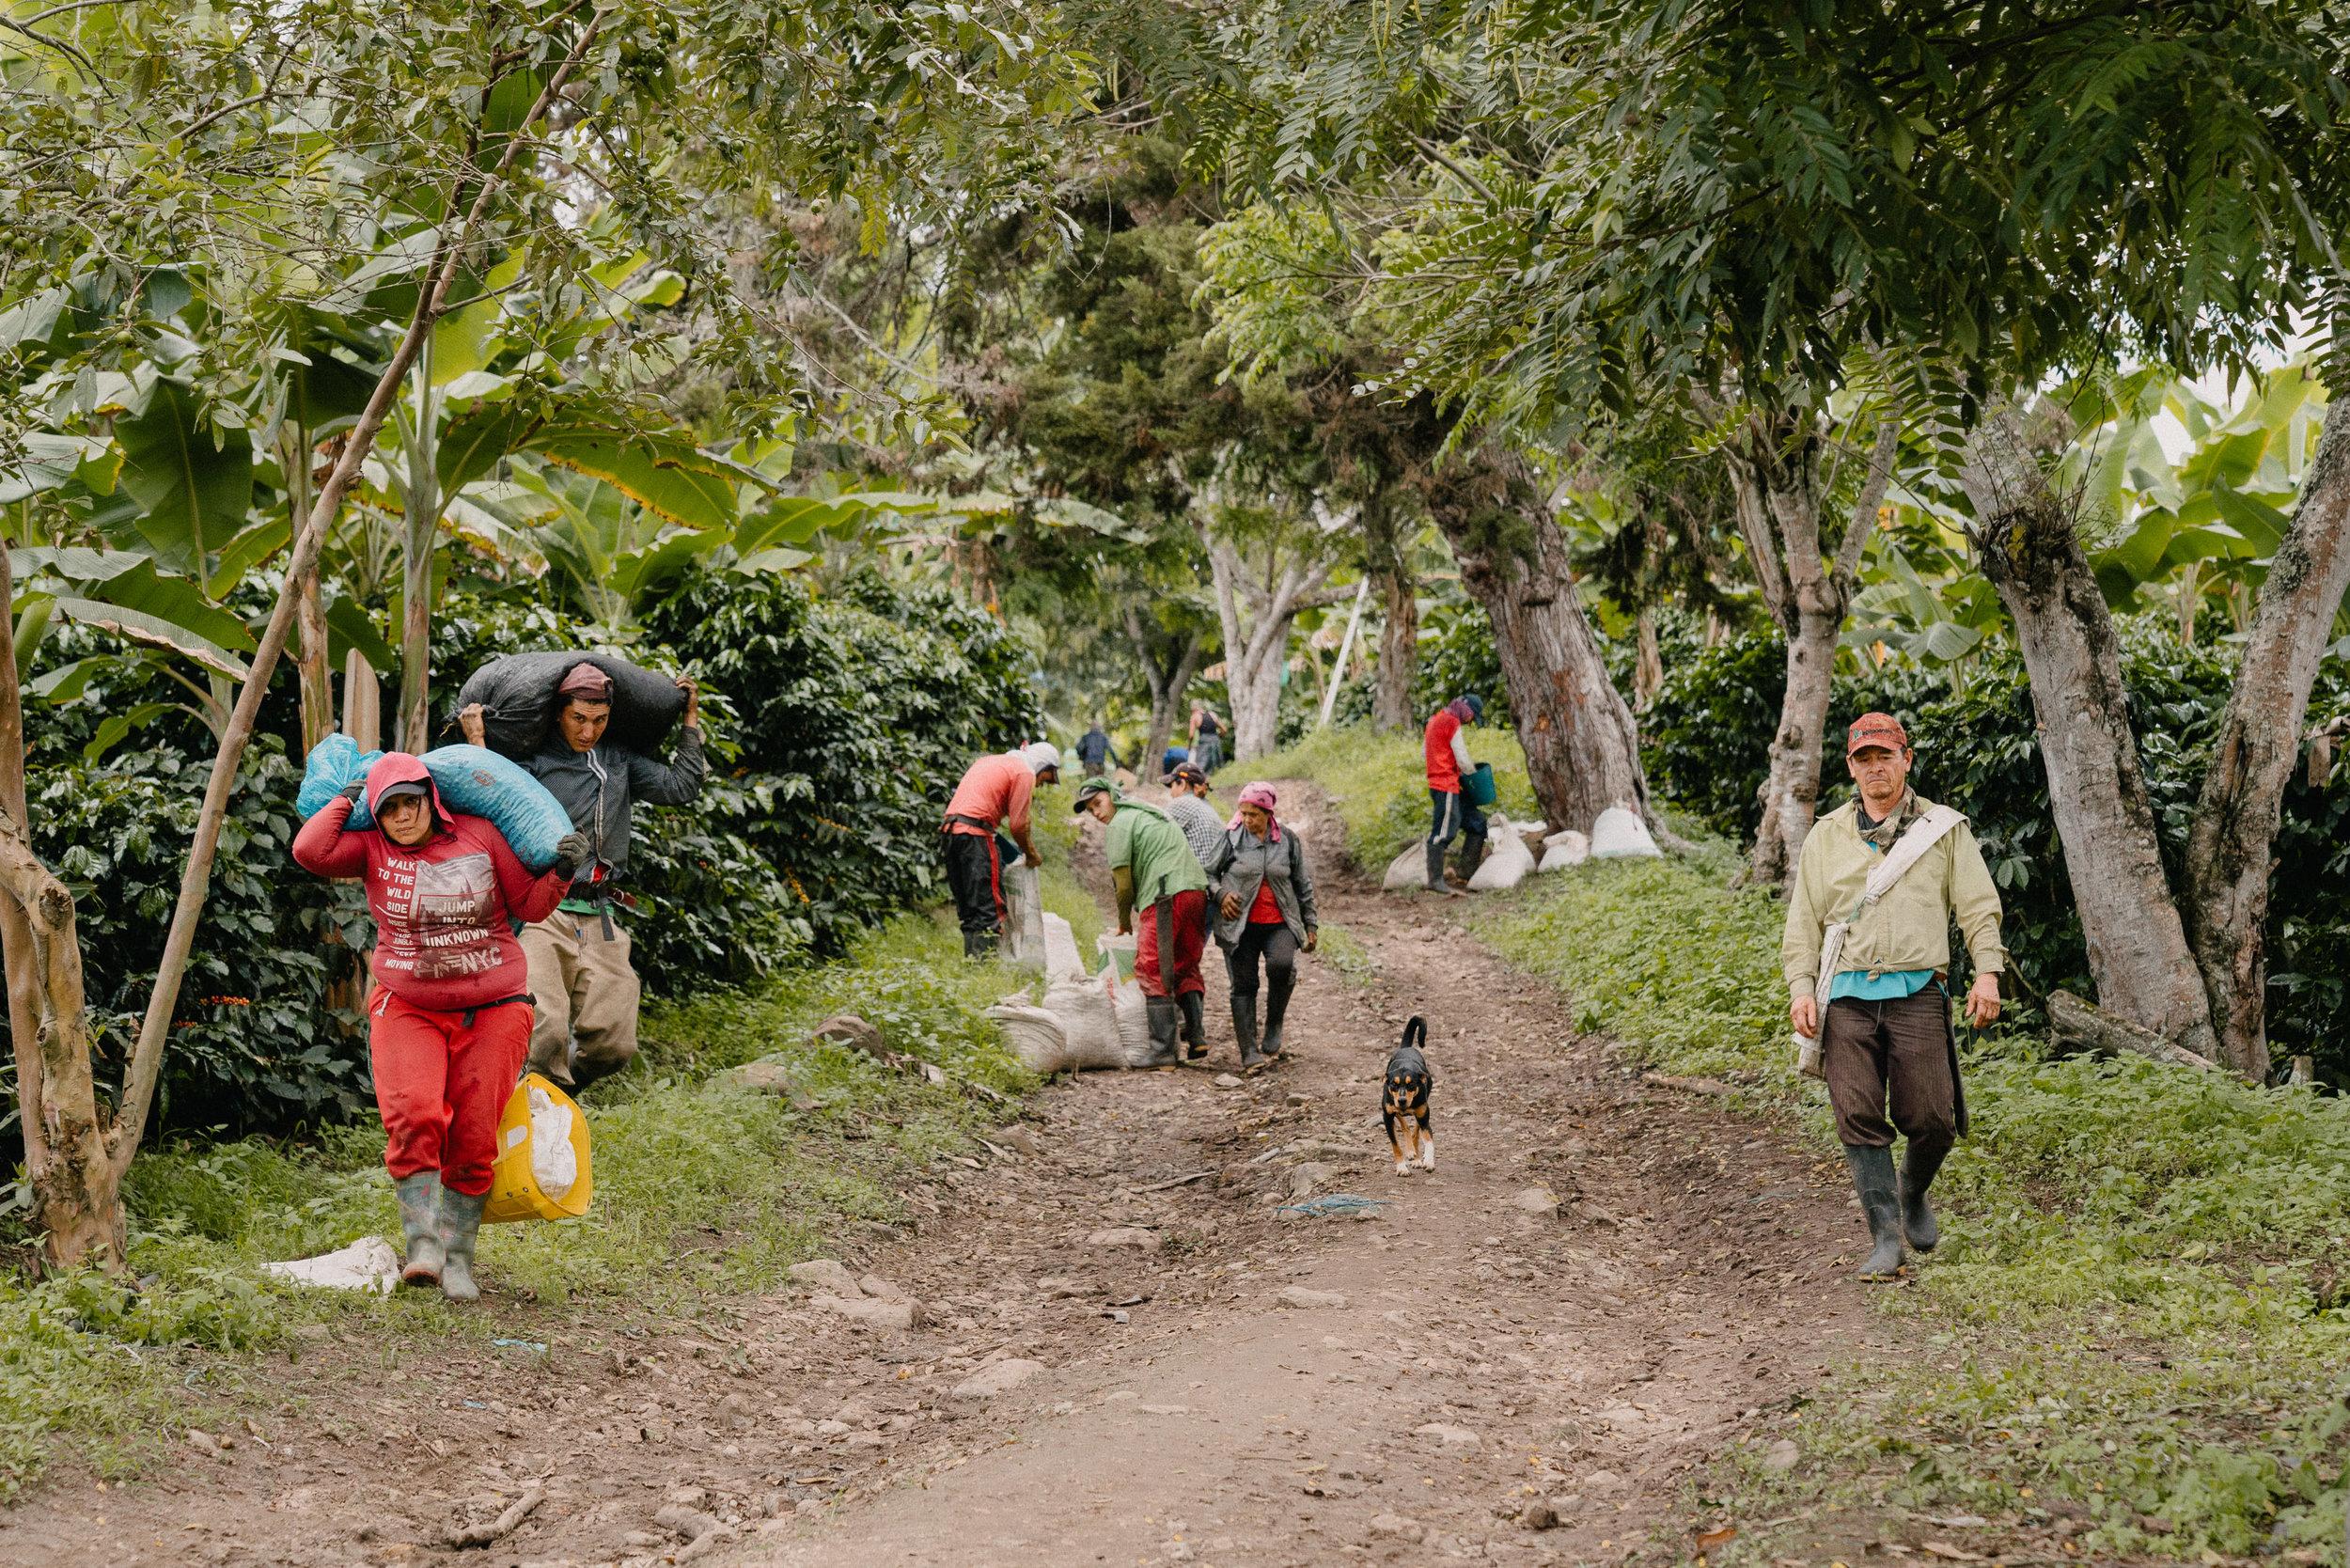 Emanuel-Hahn-Colombia-Coffee-Farmers-Huila-Manizales-Pagpropina-19.jpg